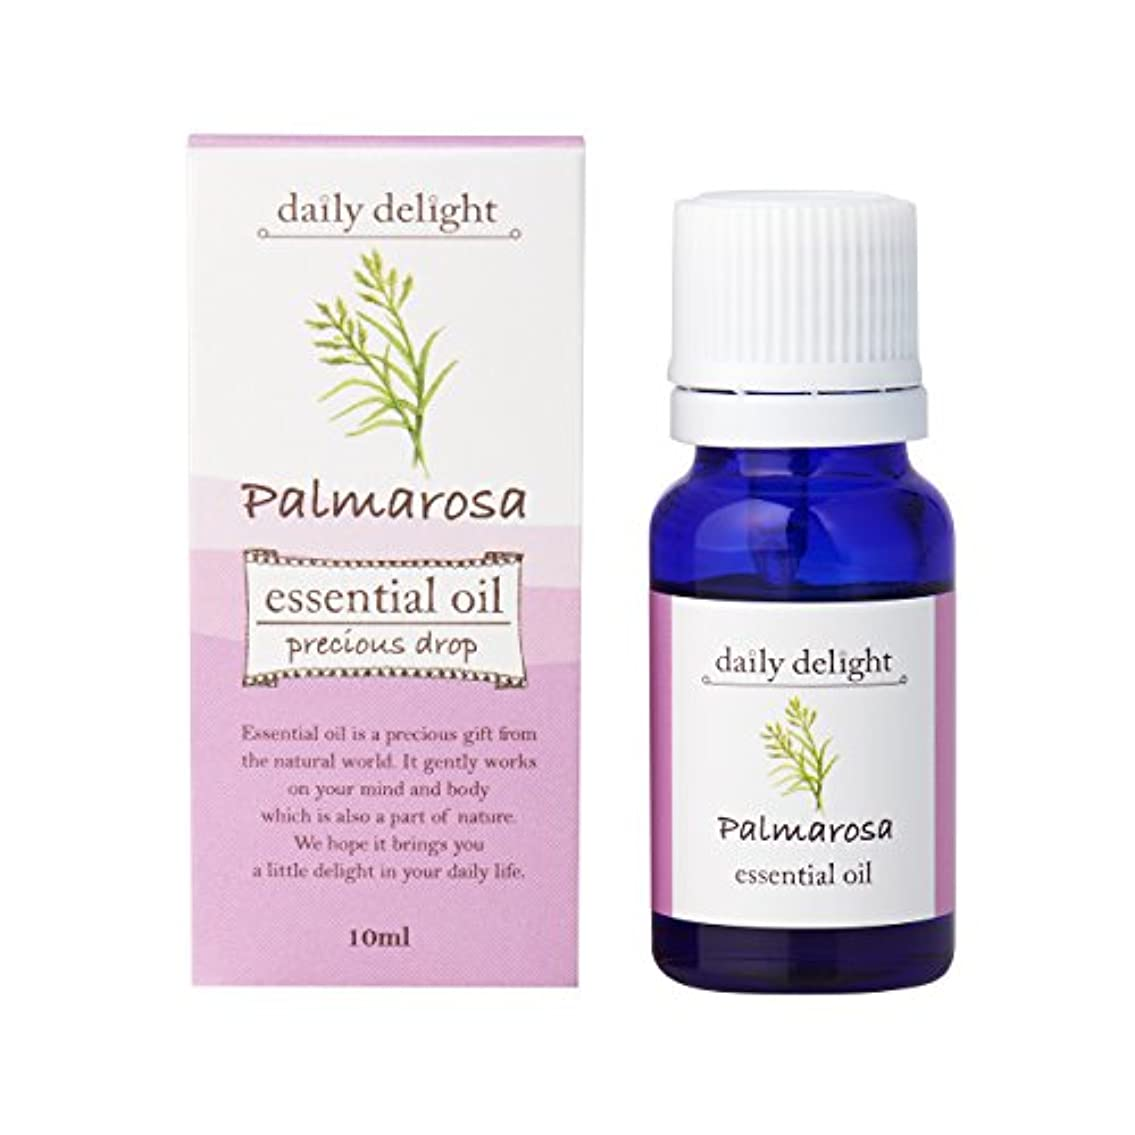 デイリーディライト エッセンシャルオイル パルマローザ 10ml(天然100% 精油 アロマ フローラル系 ゼラニウムやバラを思わせるほのかに甘い香り)